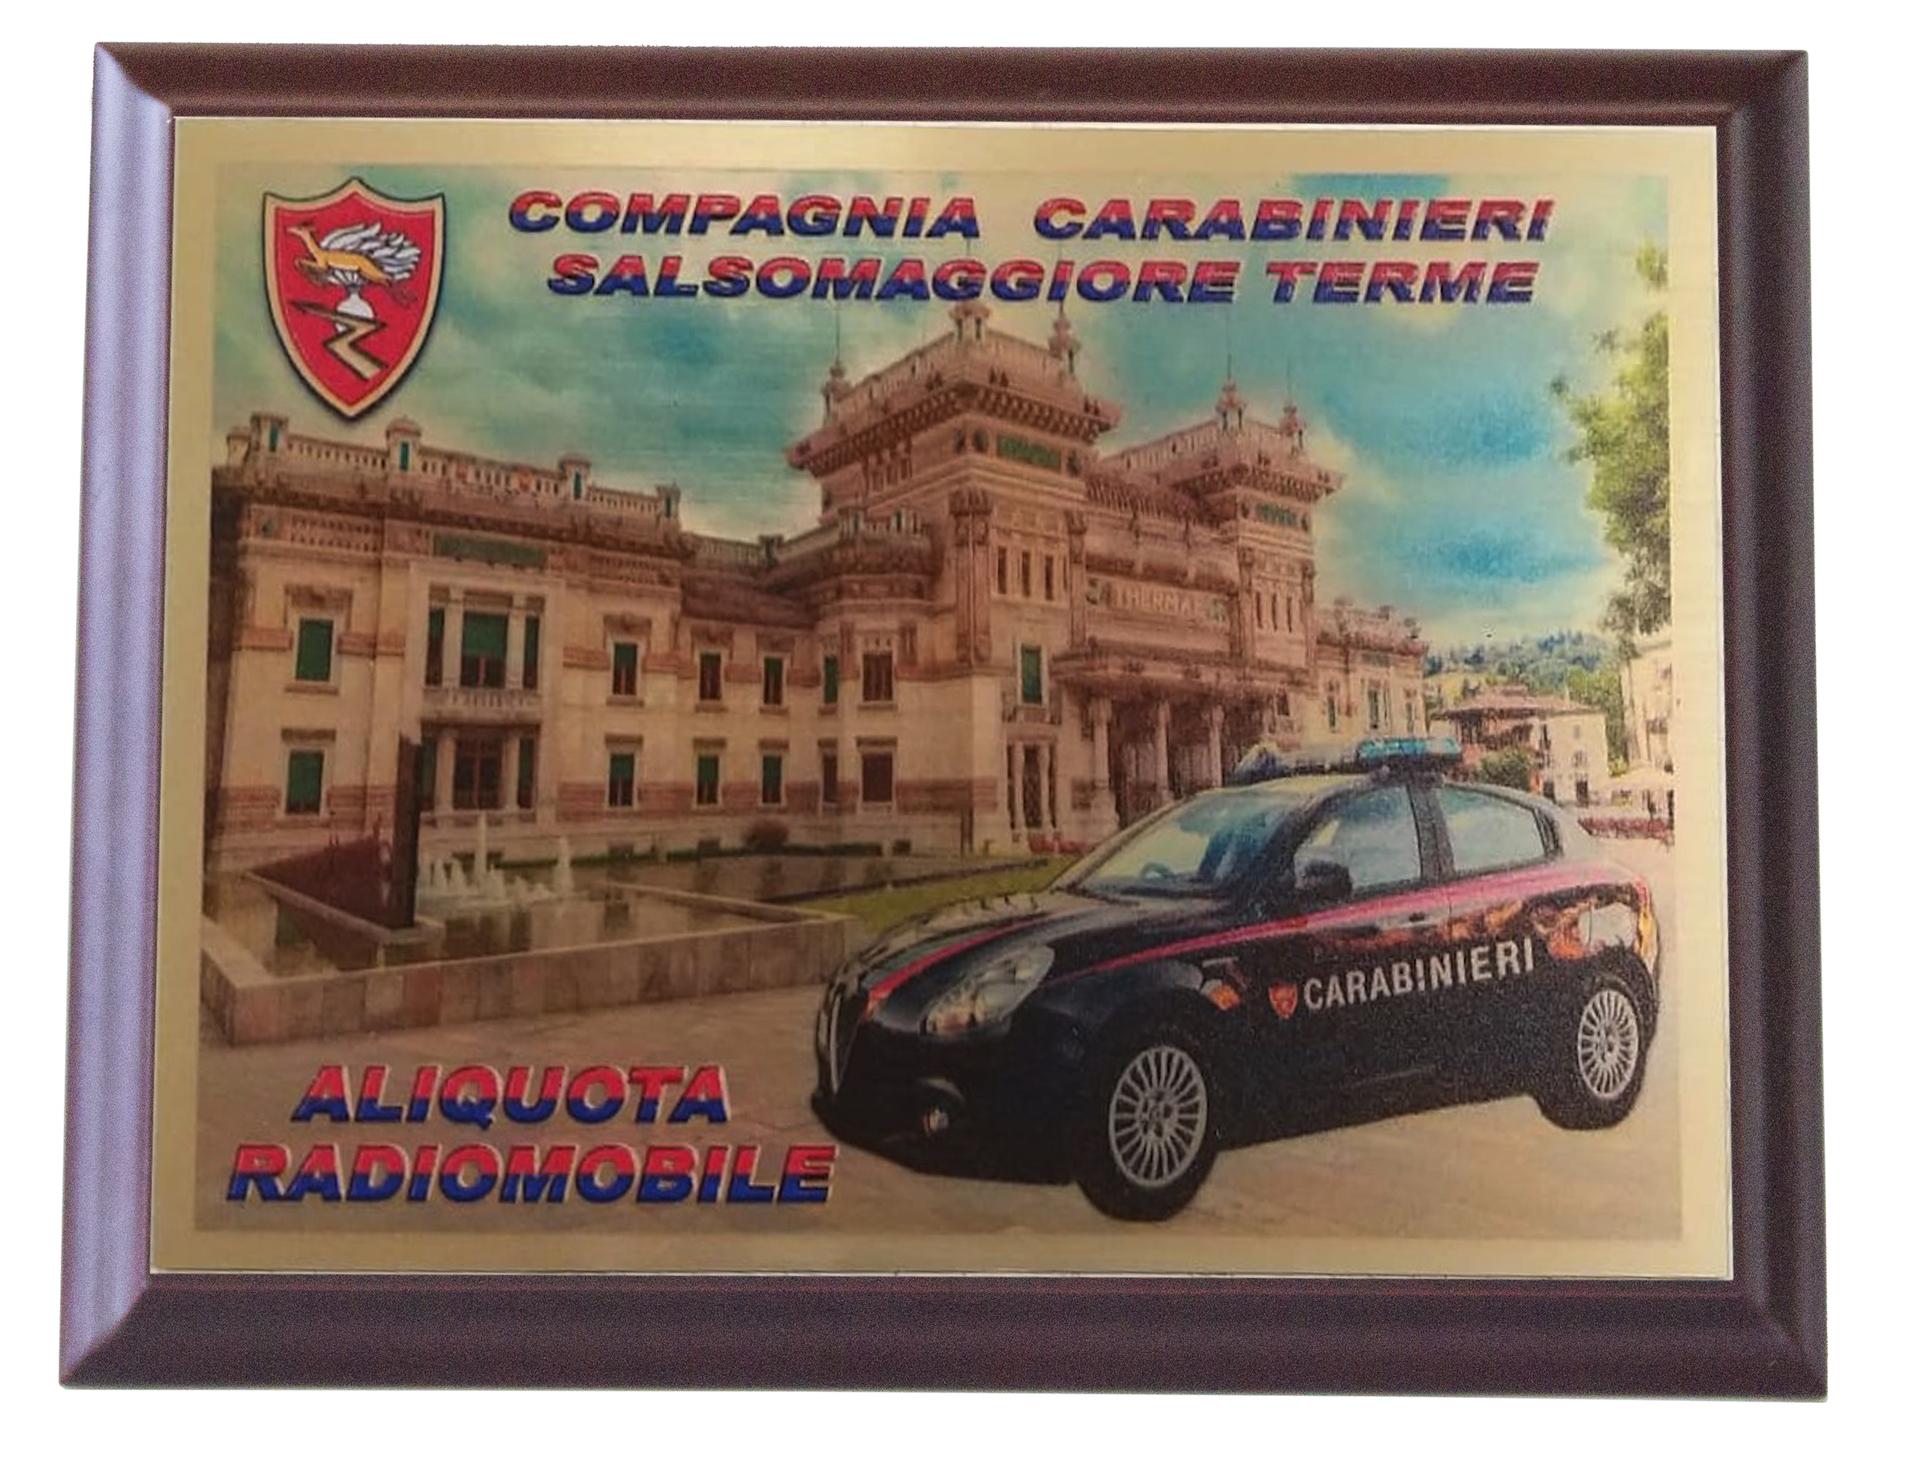 Quadro Personalizzato Carabinieri Salsomaggiore Terme